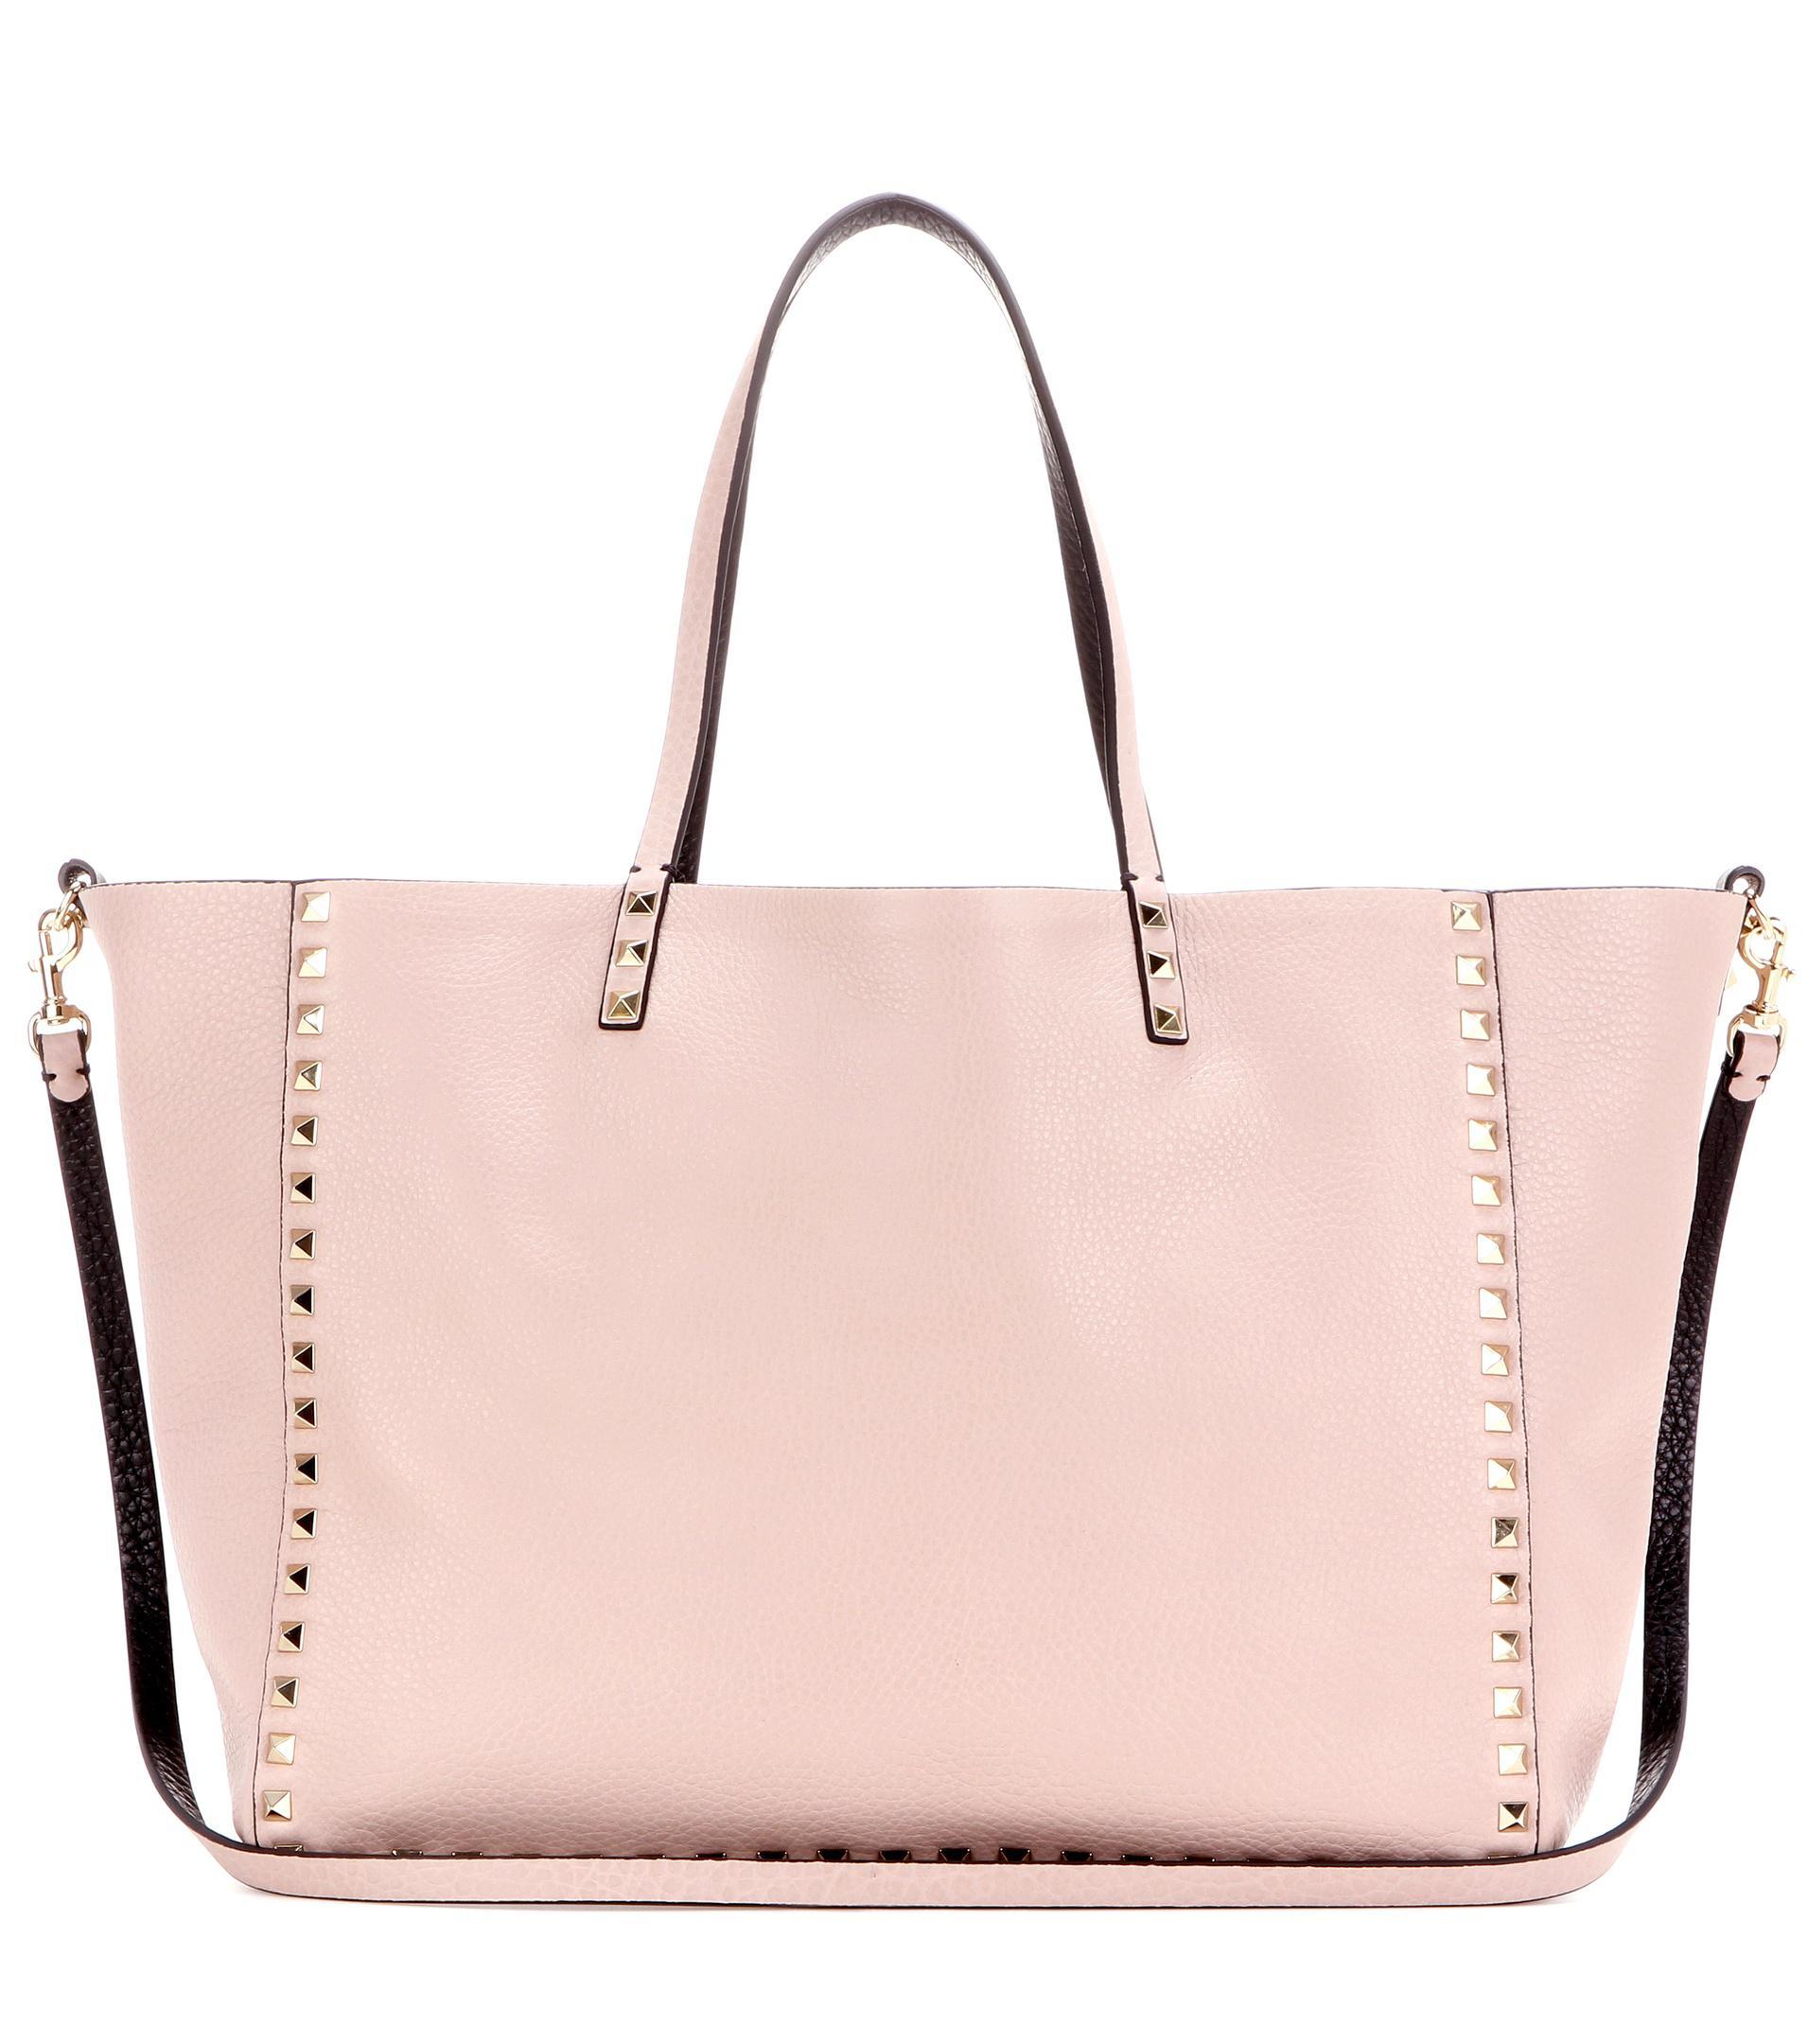 Looking For Buy Cheap Best Prices Garavani leather shopper Valentino UYlIOMzcX1